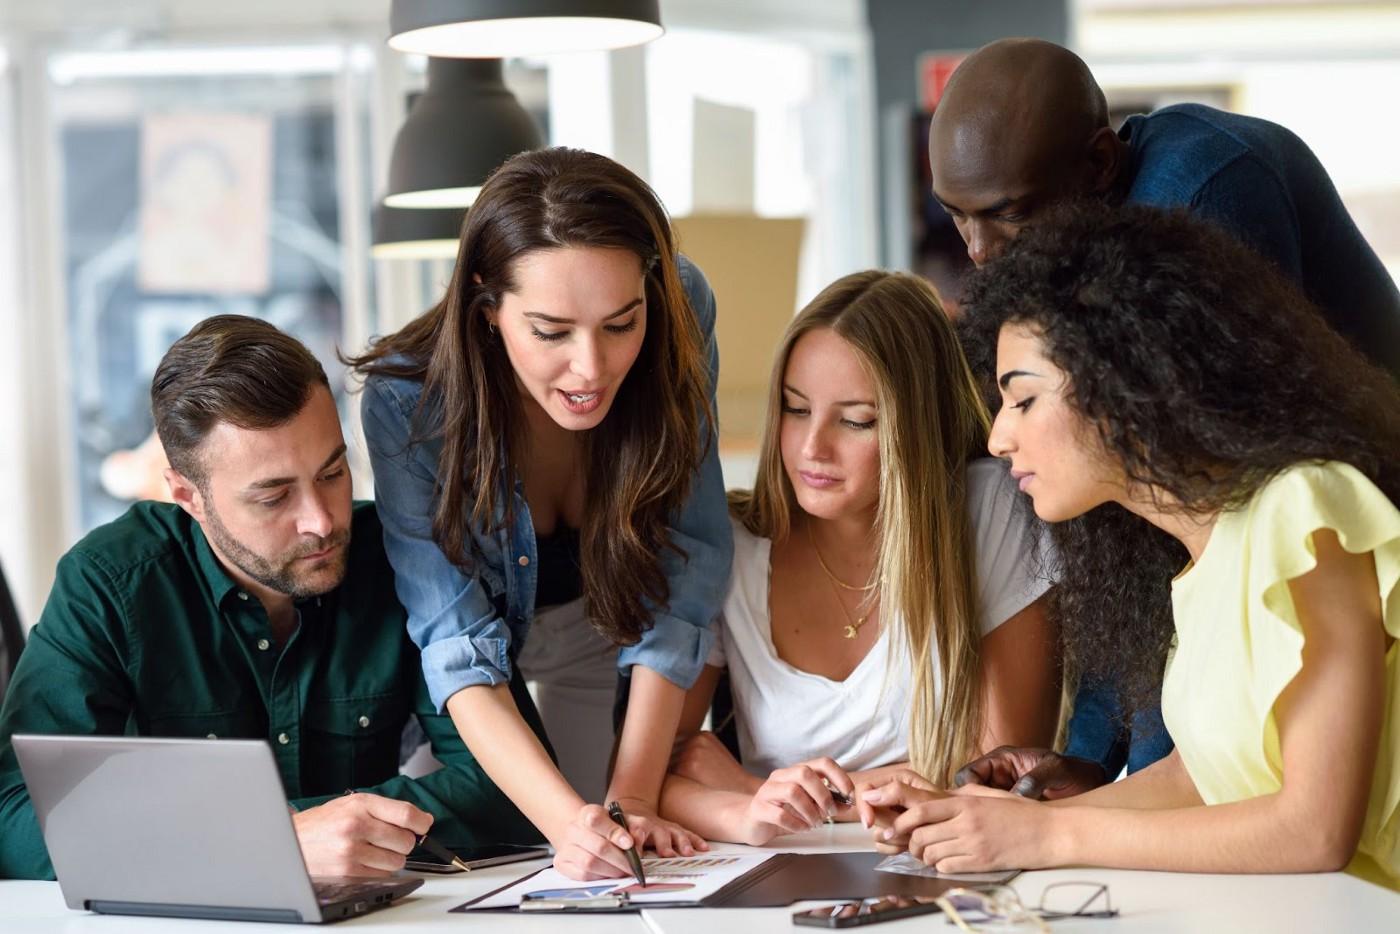 Pesquisa feita pela Play2sell revela que 44% das empresas brasileiras sentem dificuldades em capacitar o time de vendas